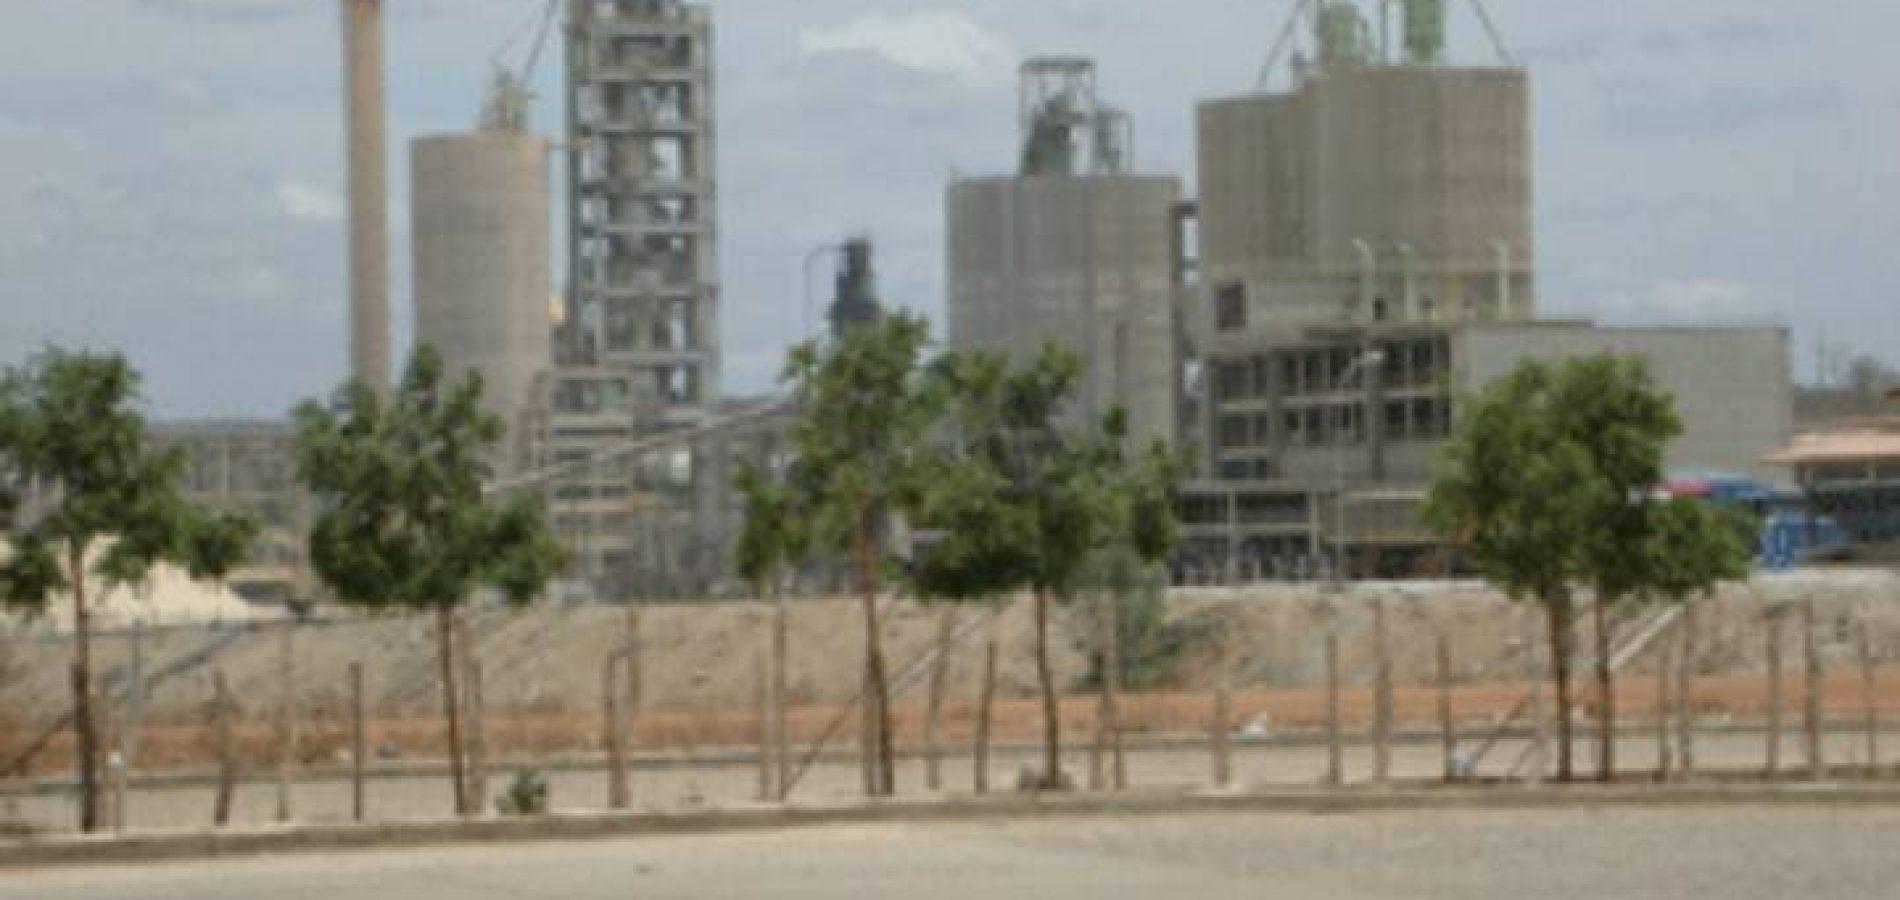 FRONTEIRAS | Fábrica de cimento  dispensa cerca de 500 funcionários e anuncia suspensão temporária dos serviços